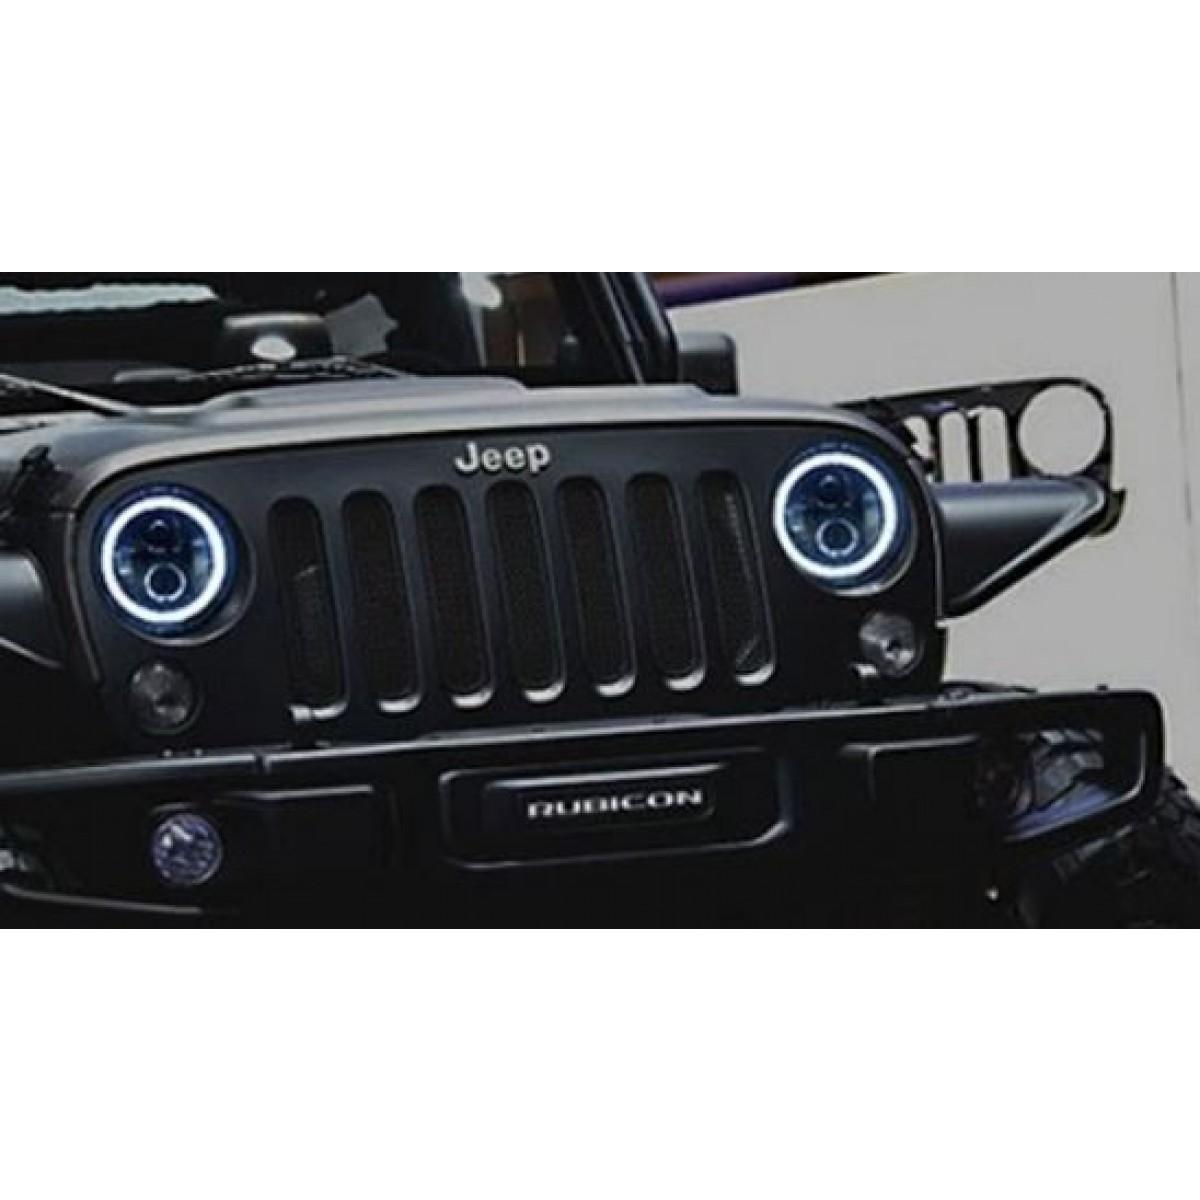 Halo Lights For Jeep Wrangler >> 7 Cree 60 Watt Halo Headlight